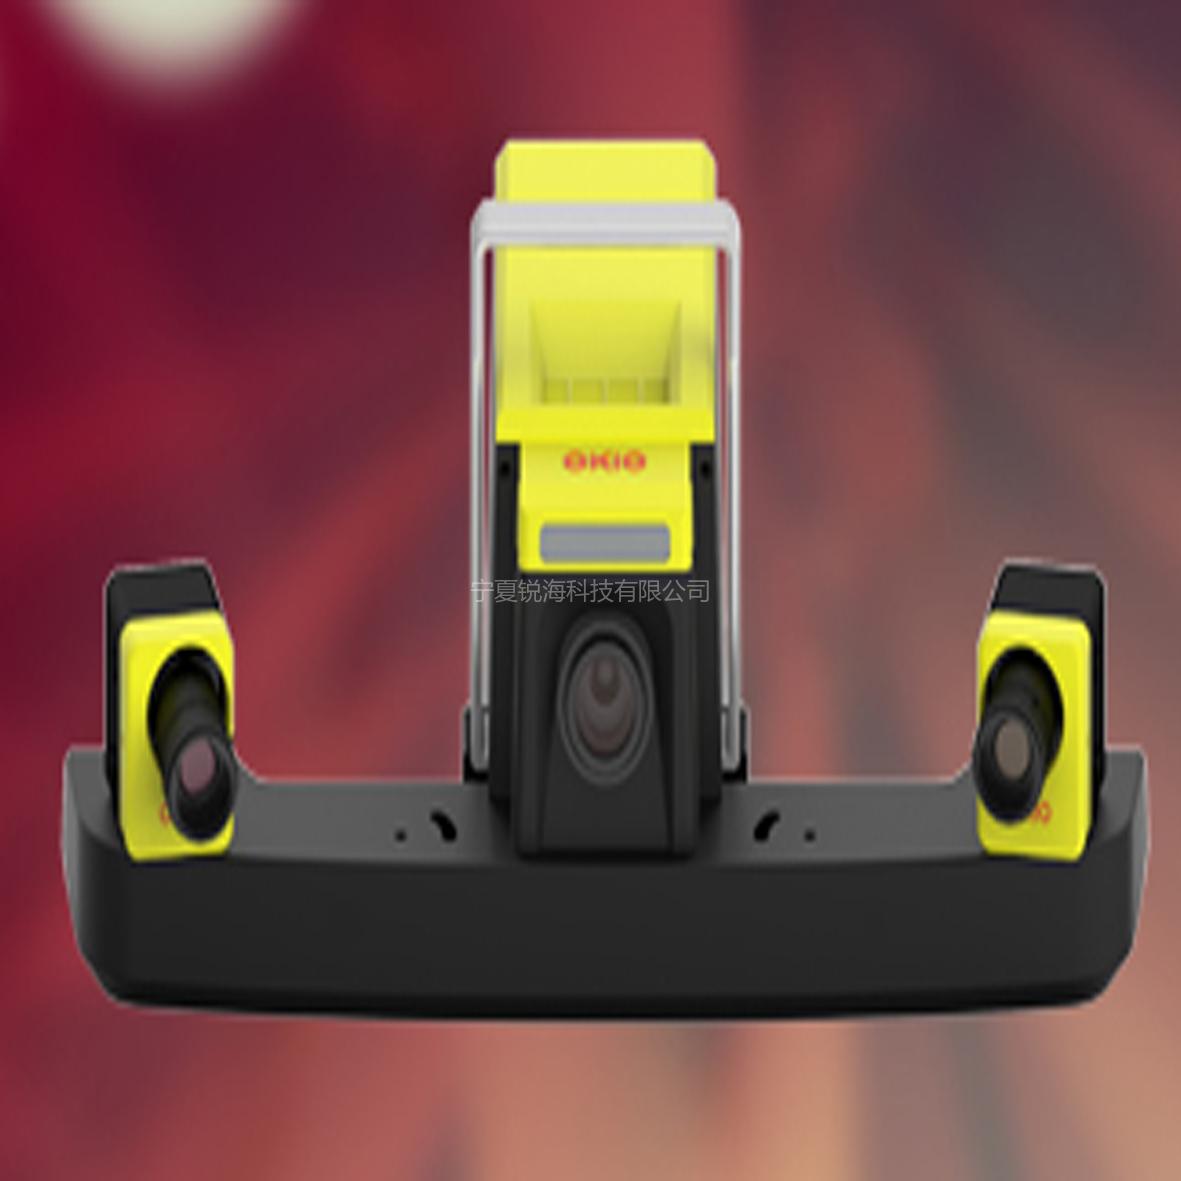 工业级三维激光扫描仪OKIO-5M.jpg